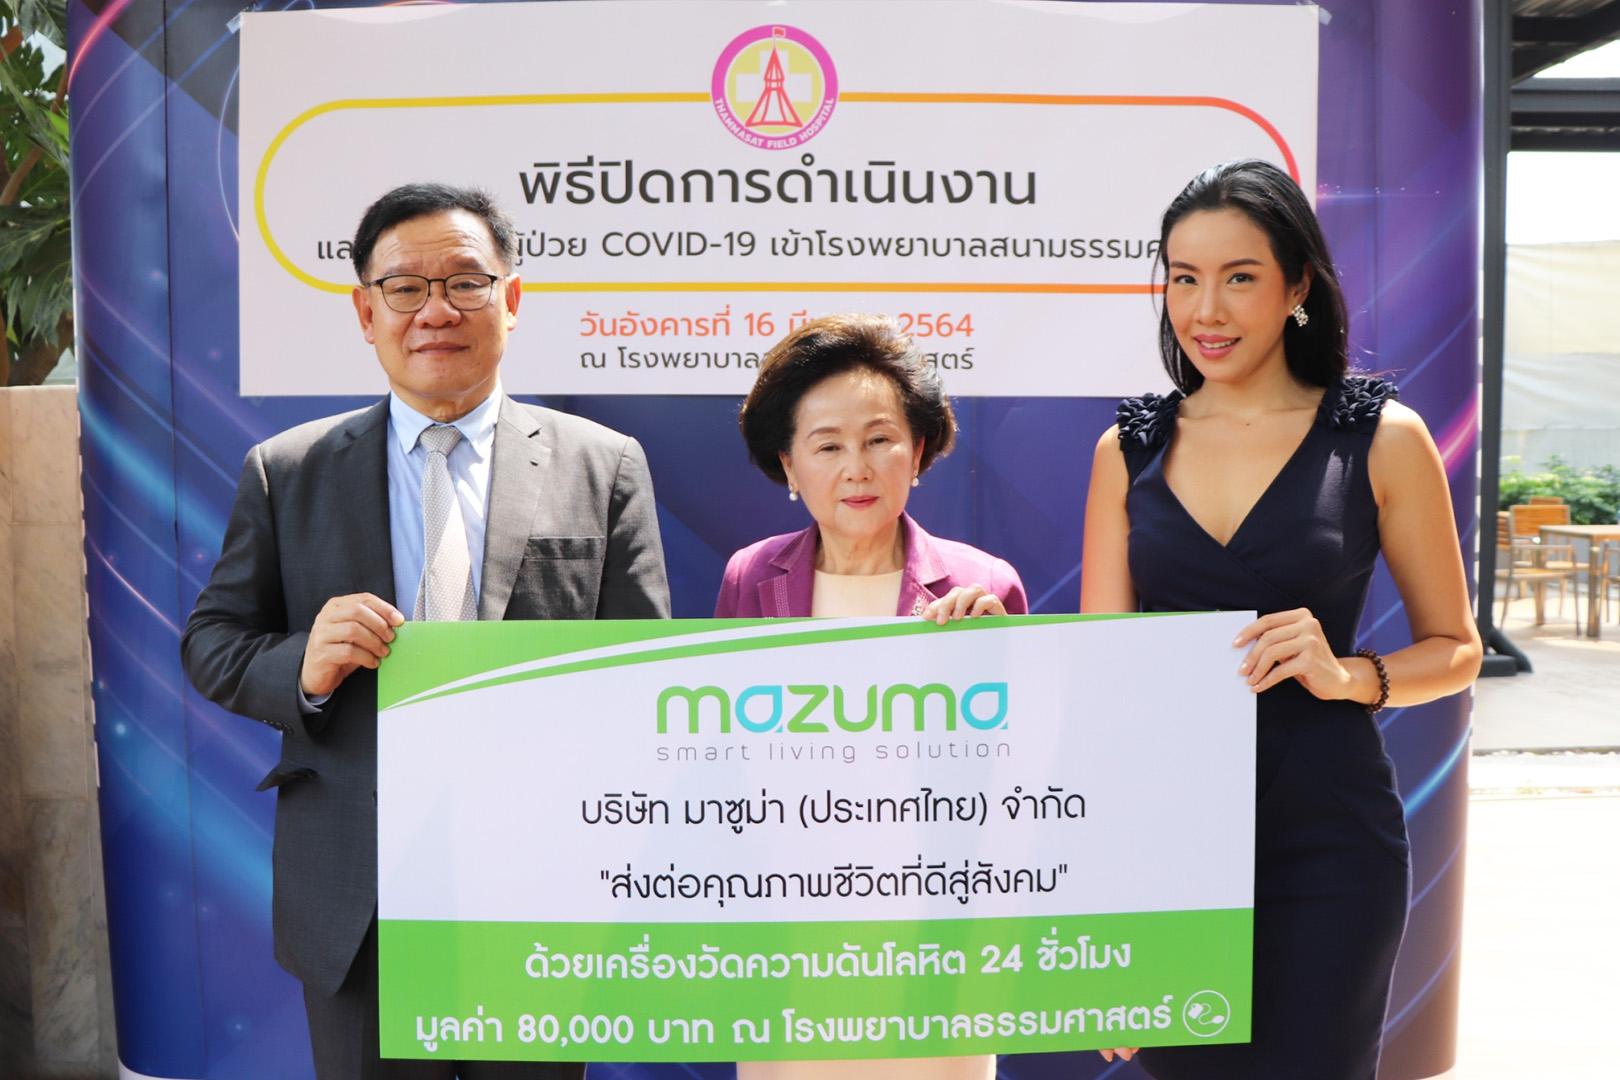 """บริษัท มาซูม่า (ประเทศไทย) จำกัด """"ส่งต่อคุณภาพชีวิตที่ดีสู่สังคม"""